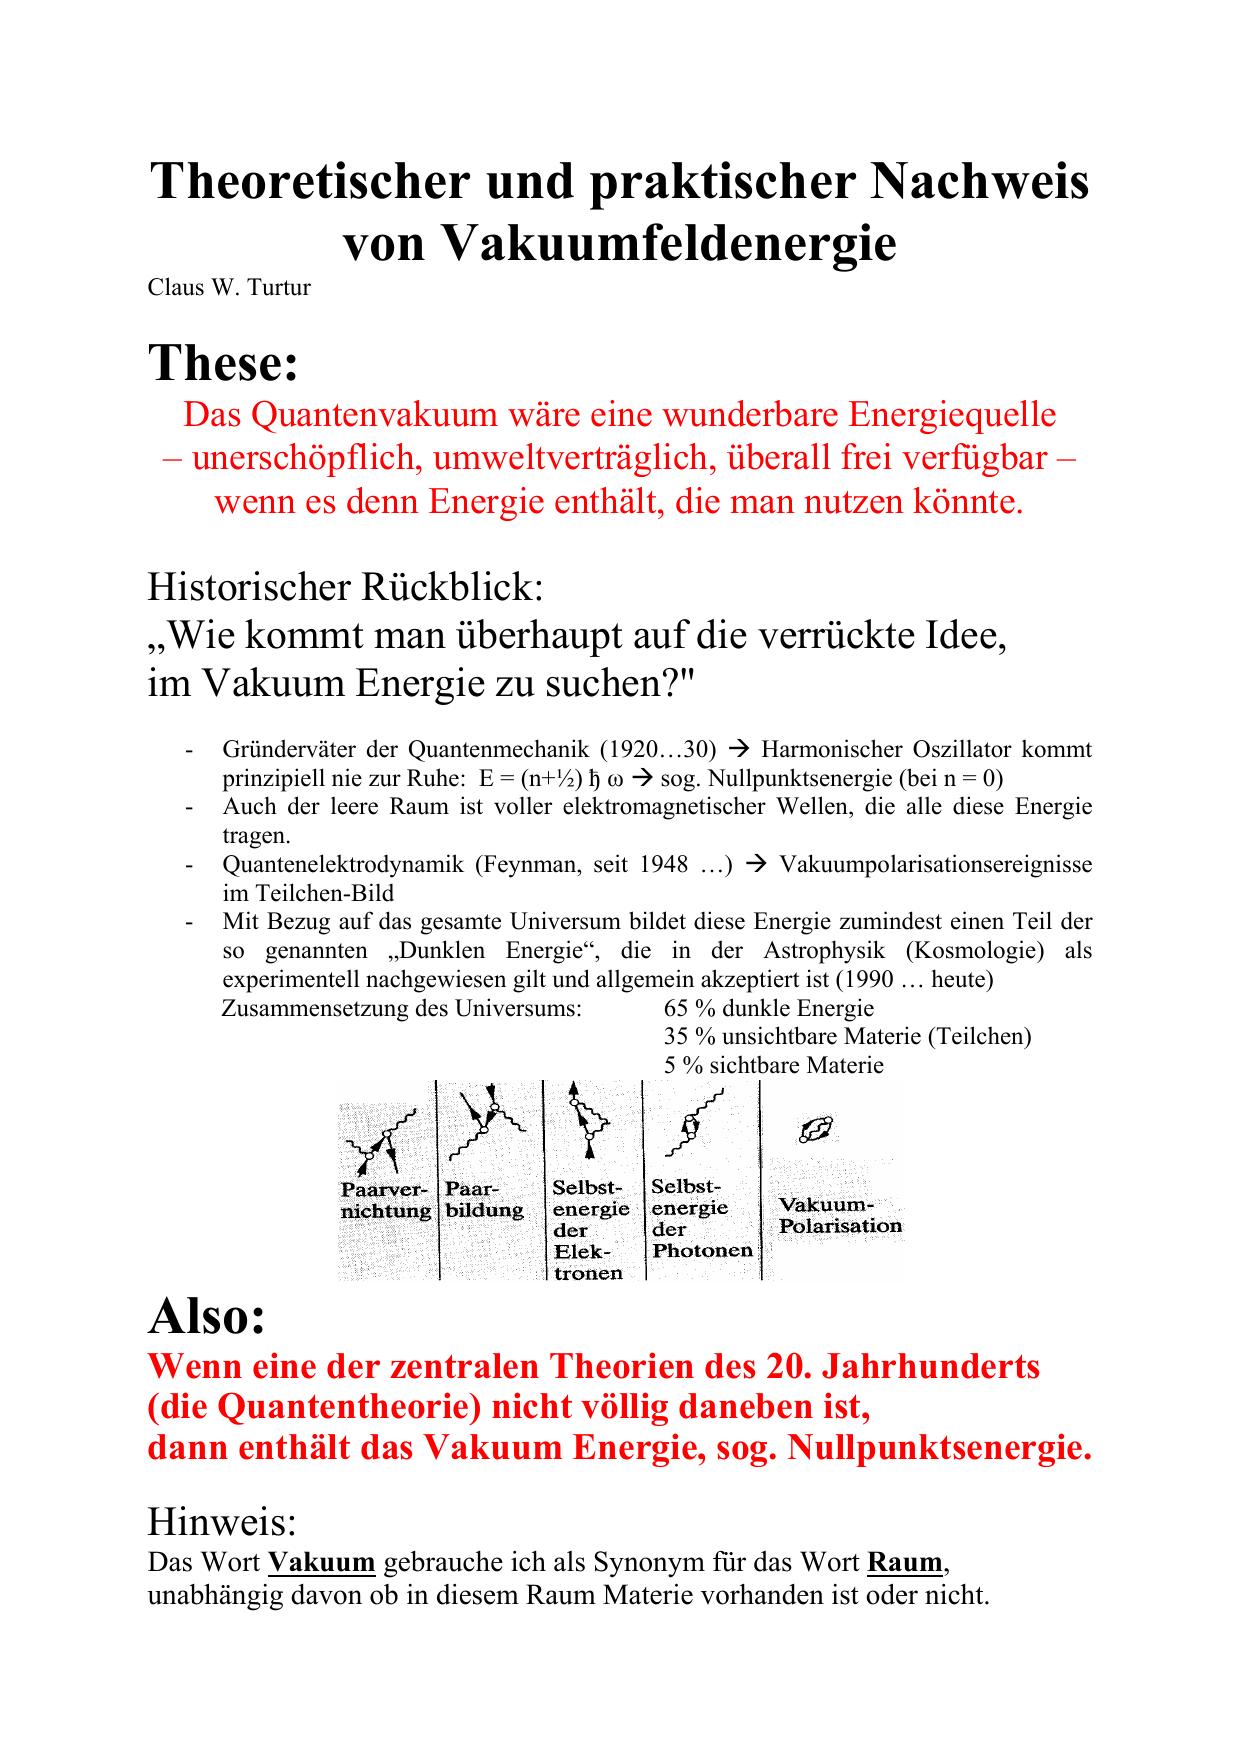 Theoretischer und praktischer Nachweis von Vakuumfeldenergie